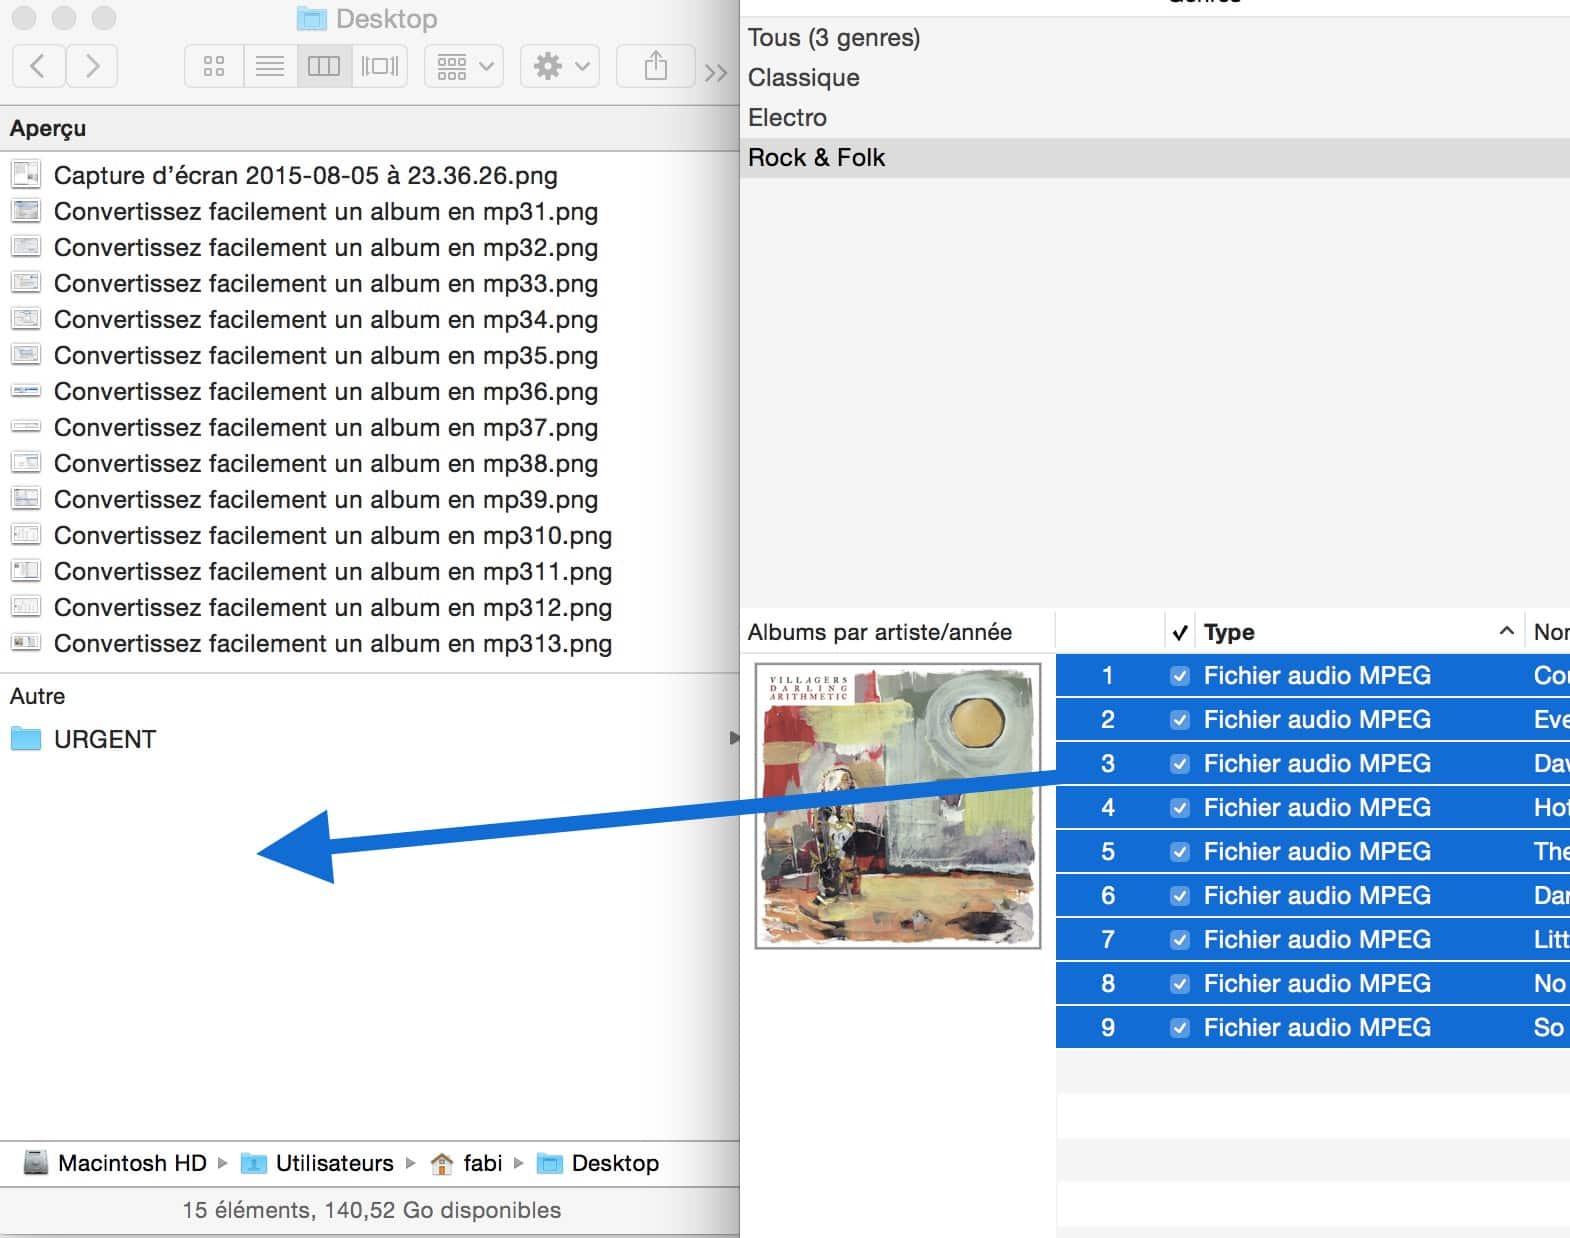 Convertissez facilement un album en mp314